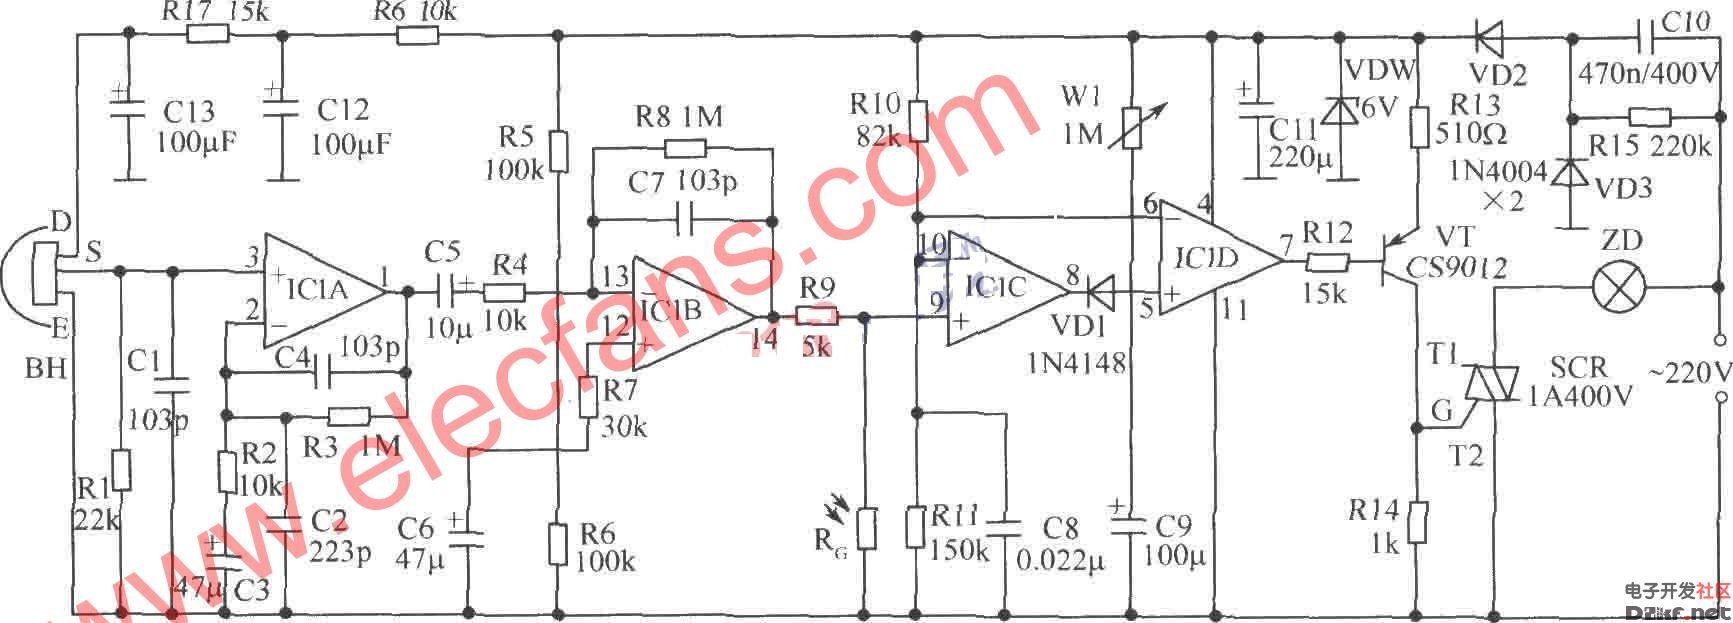 水塔水位控制器电路